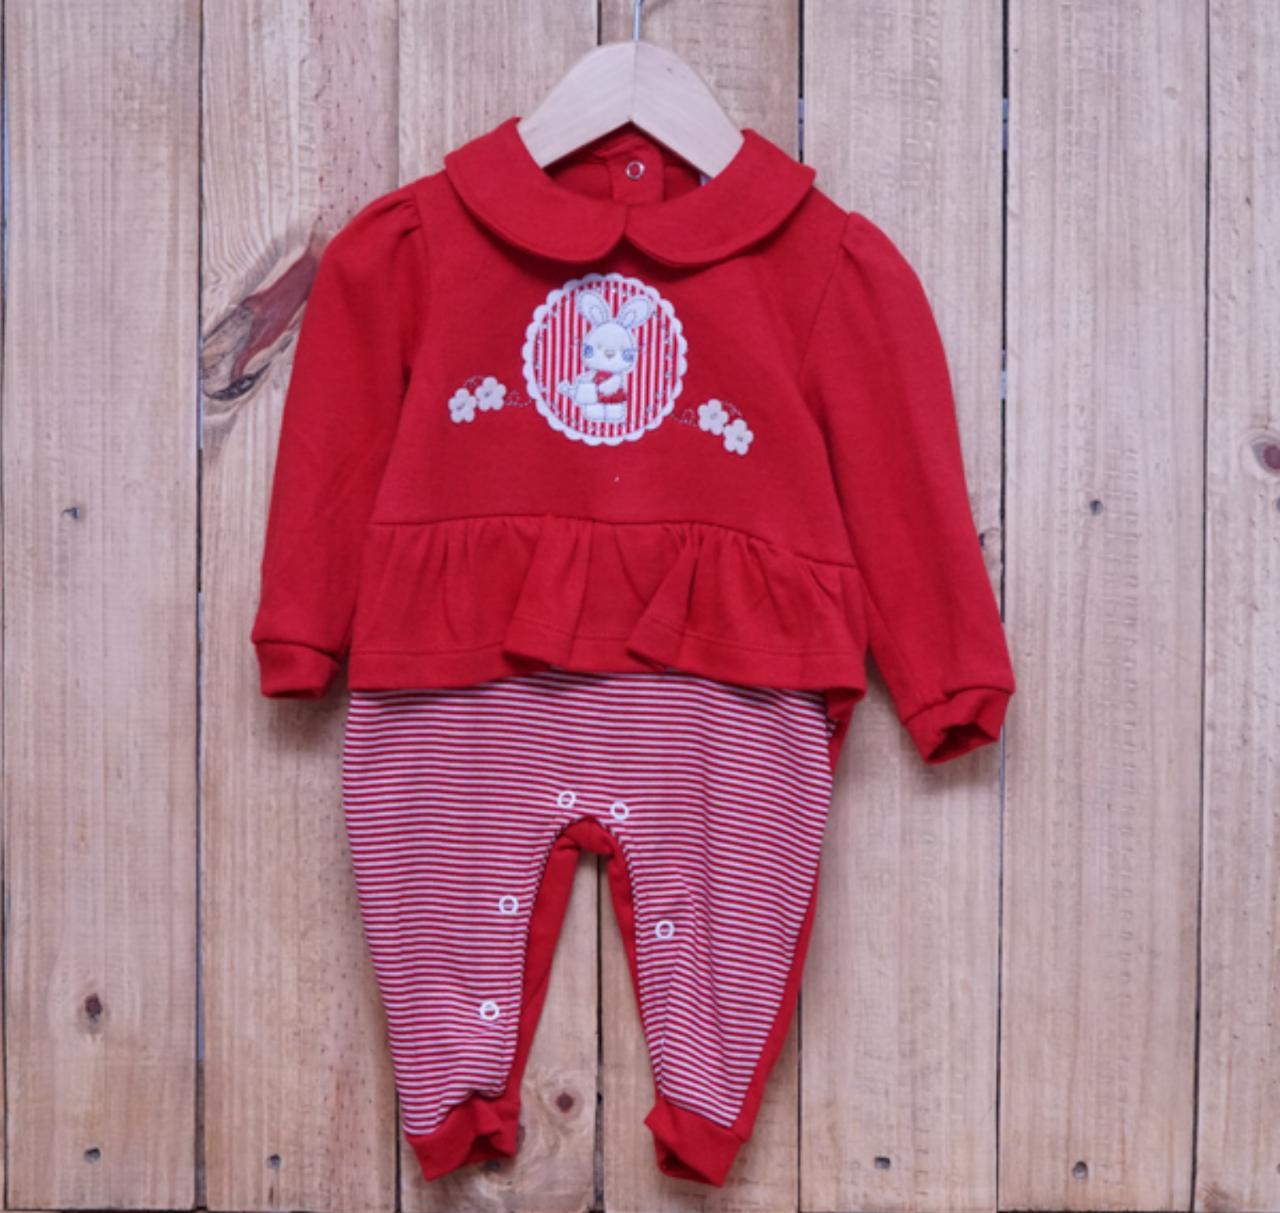 Macacão para Bebê Bordado Coelhinha com Detalhe em Strass Vermelho